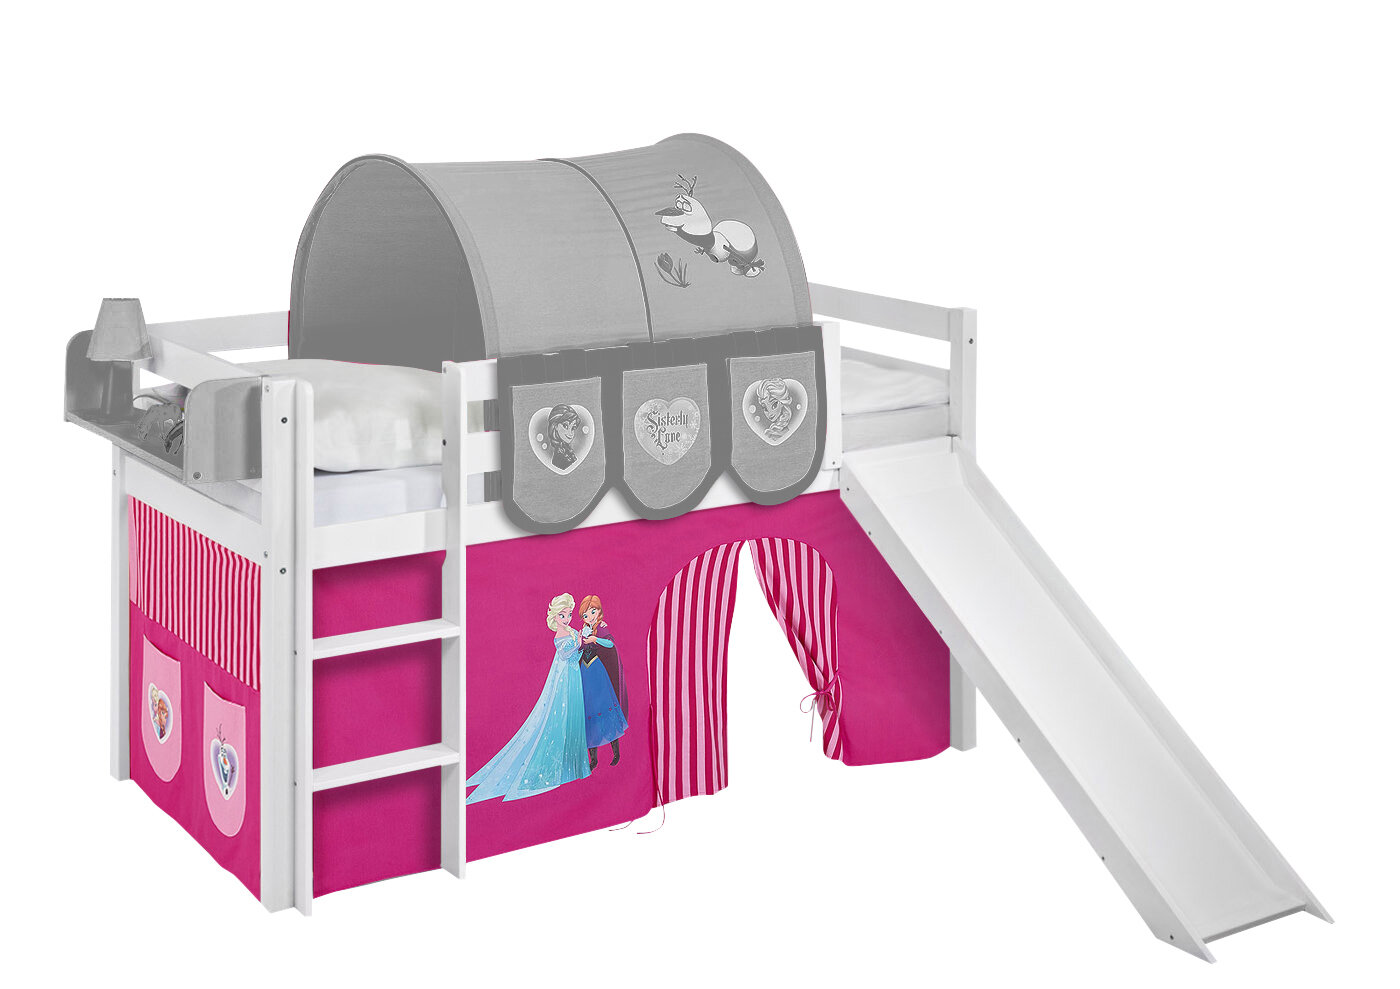 Vorhang Etagenbett Kinder : Bettvorhang hochbett with